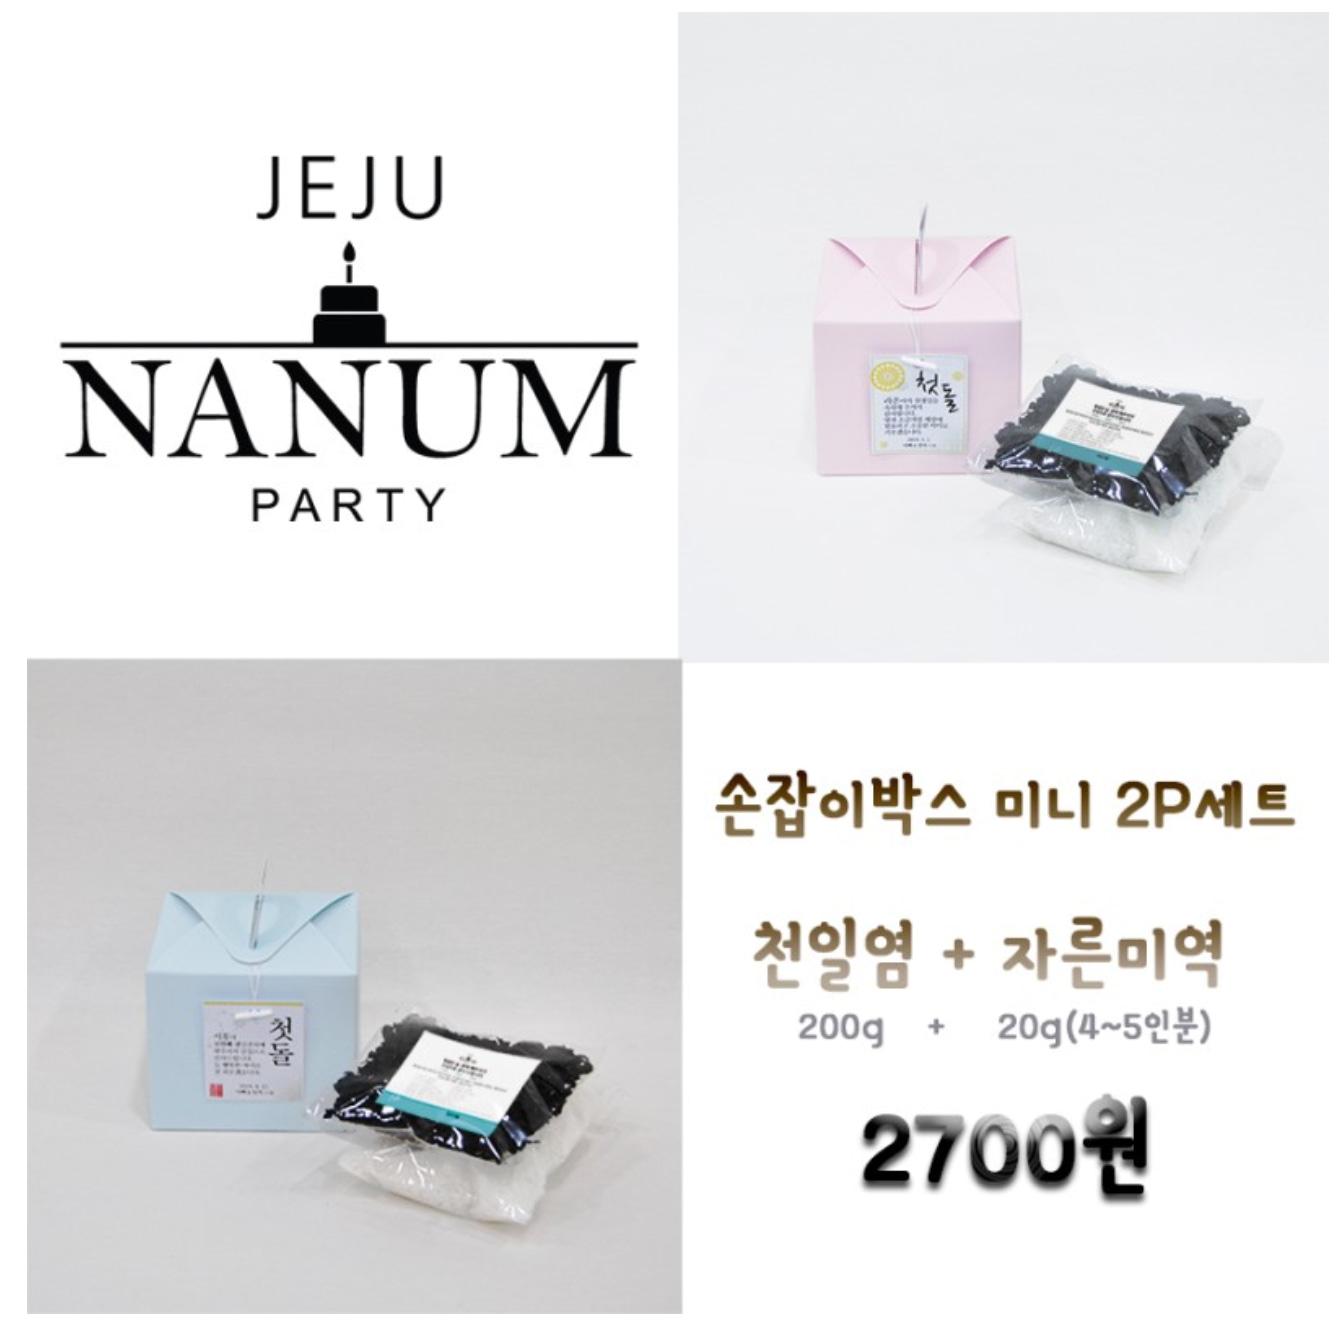 [나눔파티제주-답례품]  '5년묵은천일염 +자른미역' 손잡이박스 미니2P세트 (핑크•블루 2종)